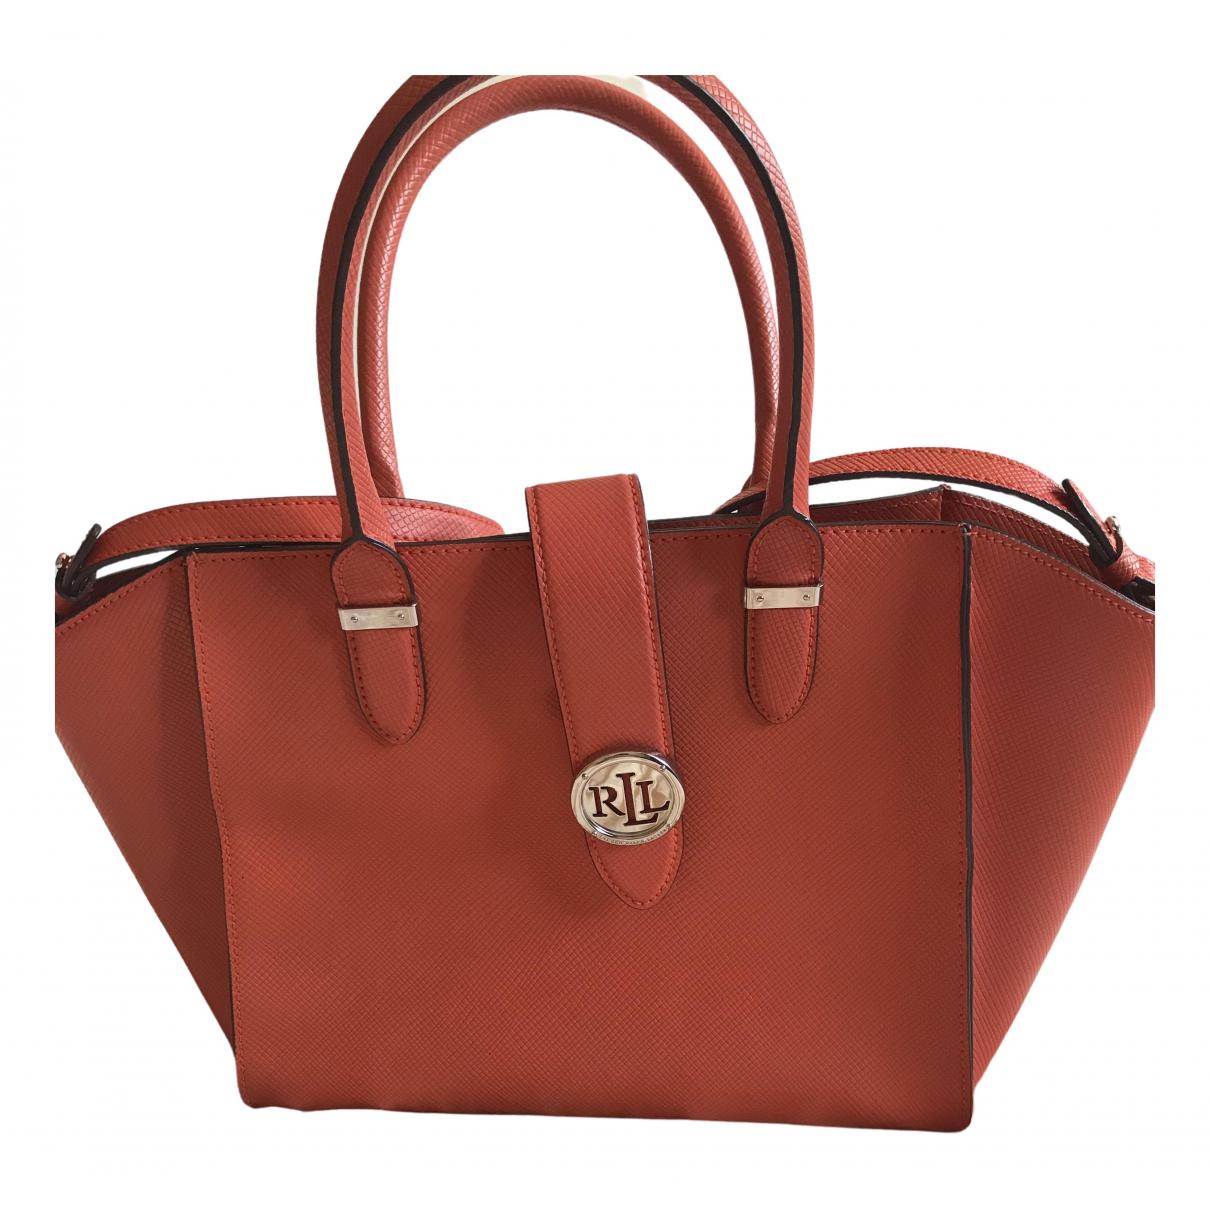 Lauren Ralph Lauren \N Orange Leather handbag for Women \N